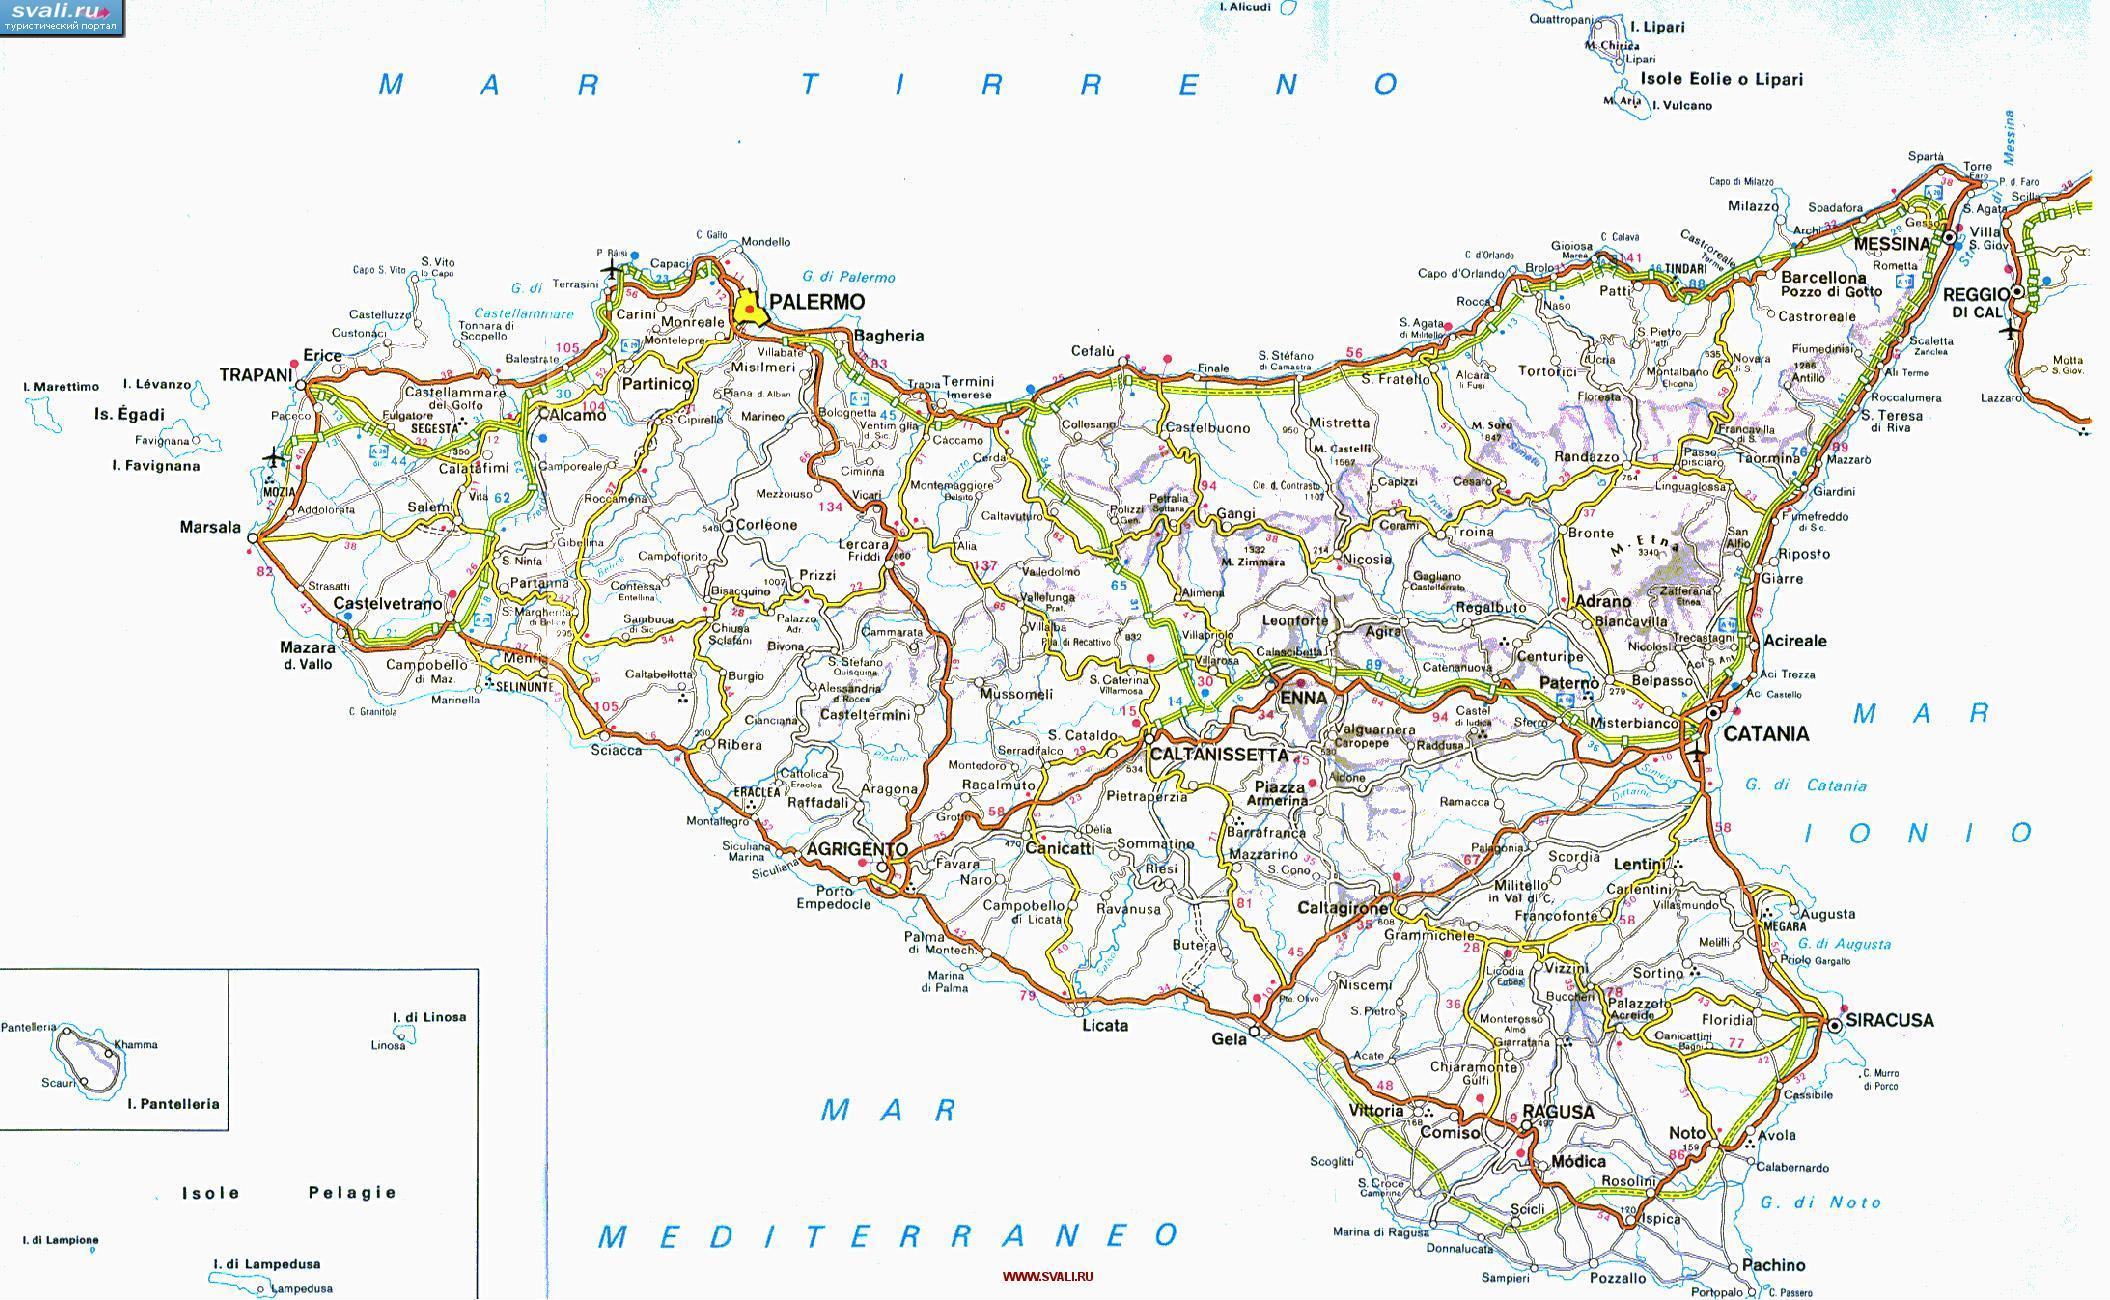 Karty Karta Avtodorog Sicilii S Kilometrazhem Italiya Ital